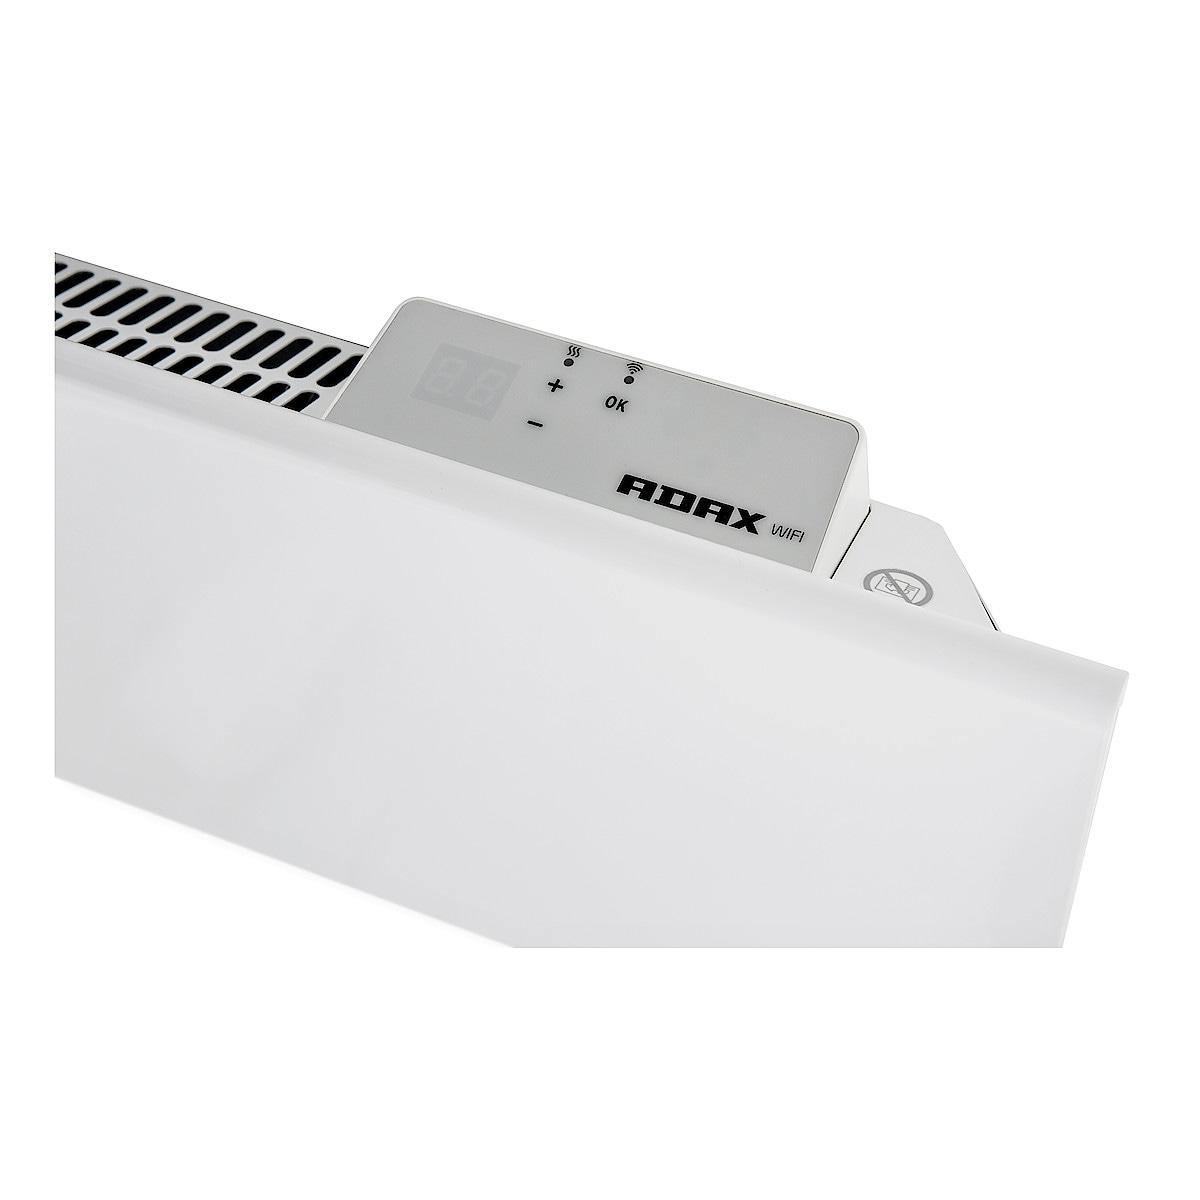 Lämpöpatteri WiFi 600 W 230 V Adax Neo H06KWT